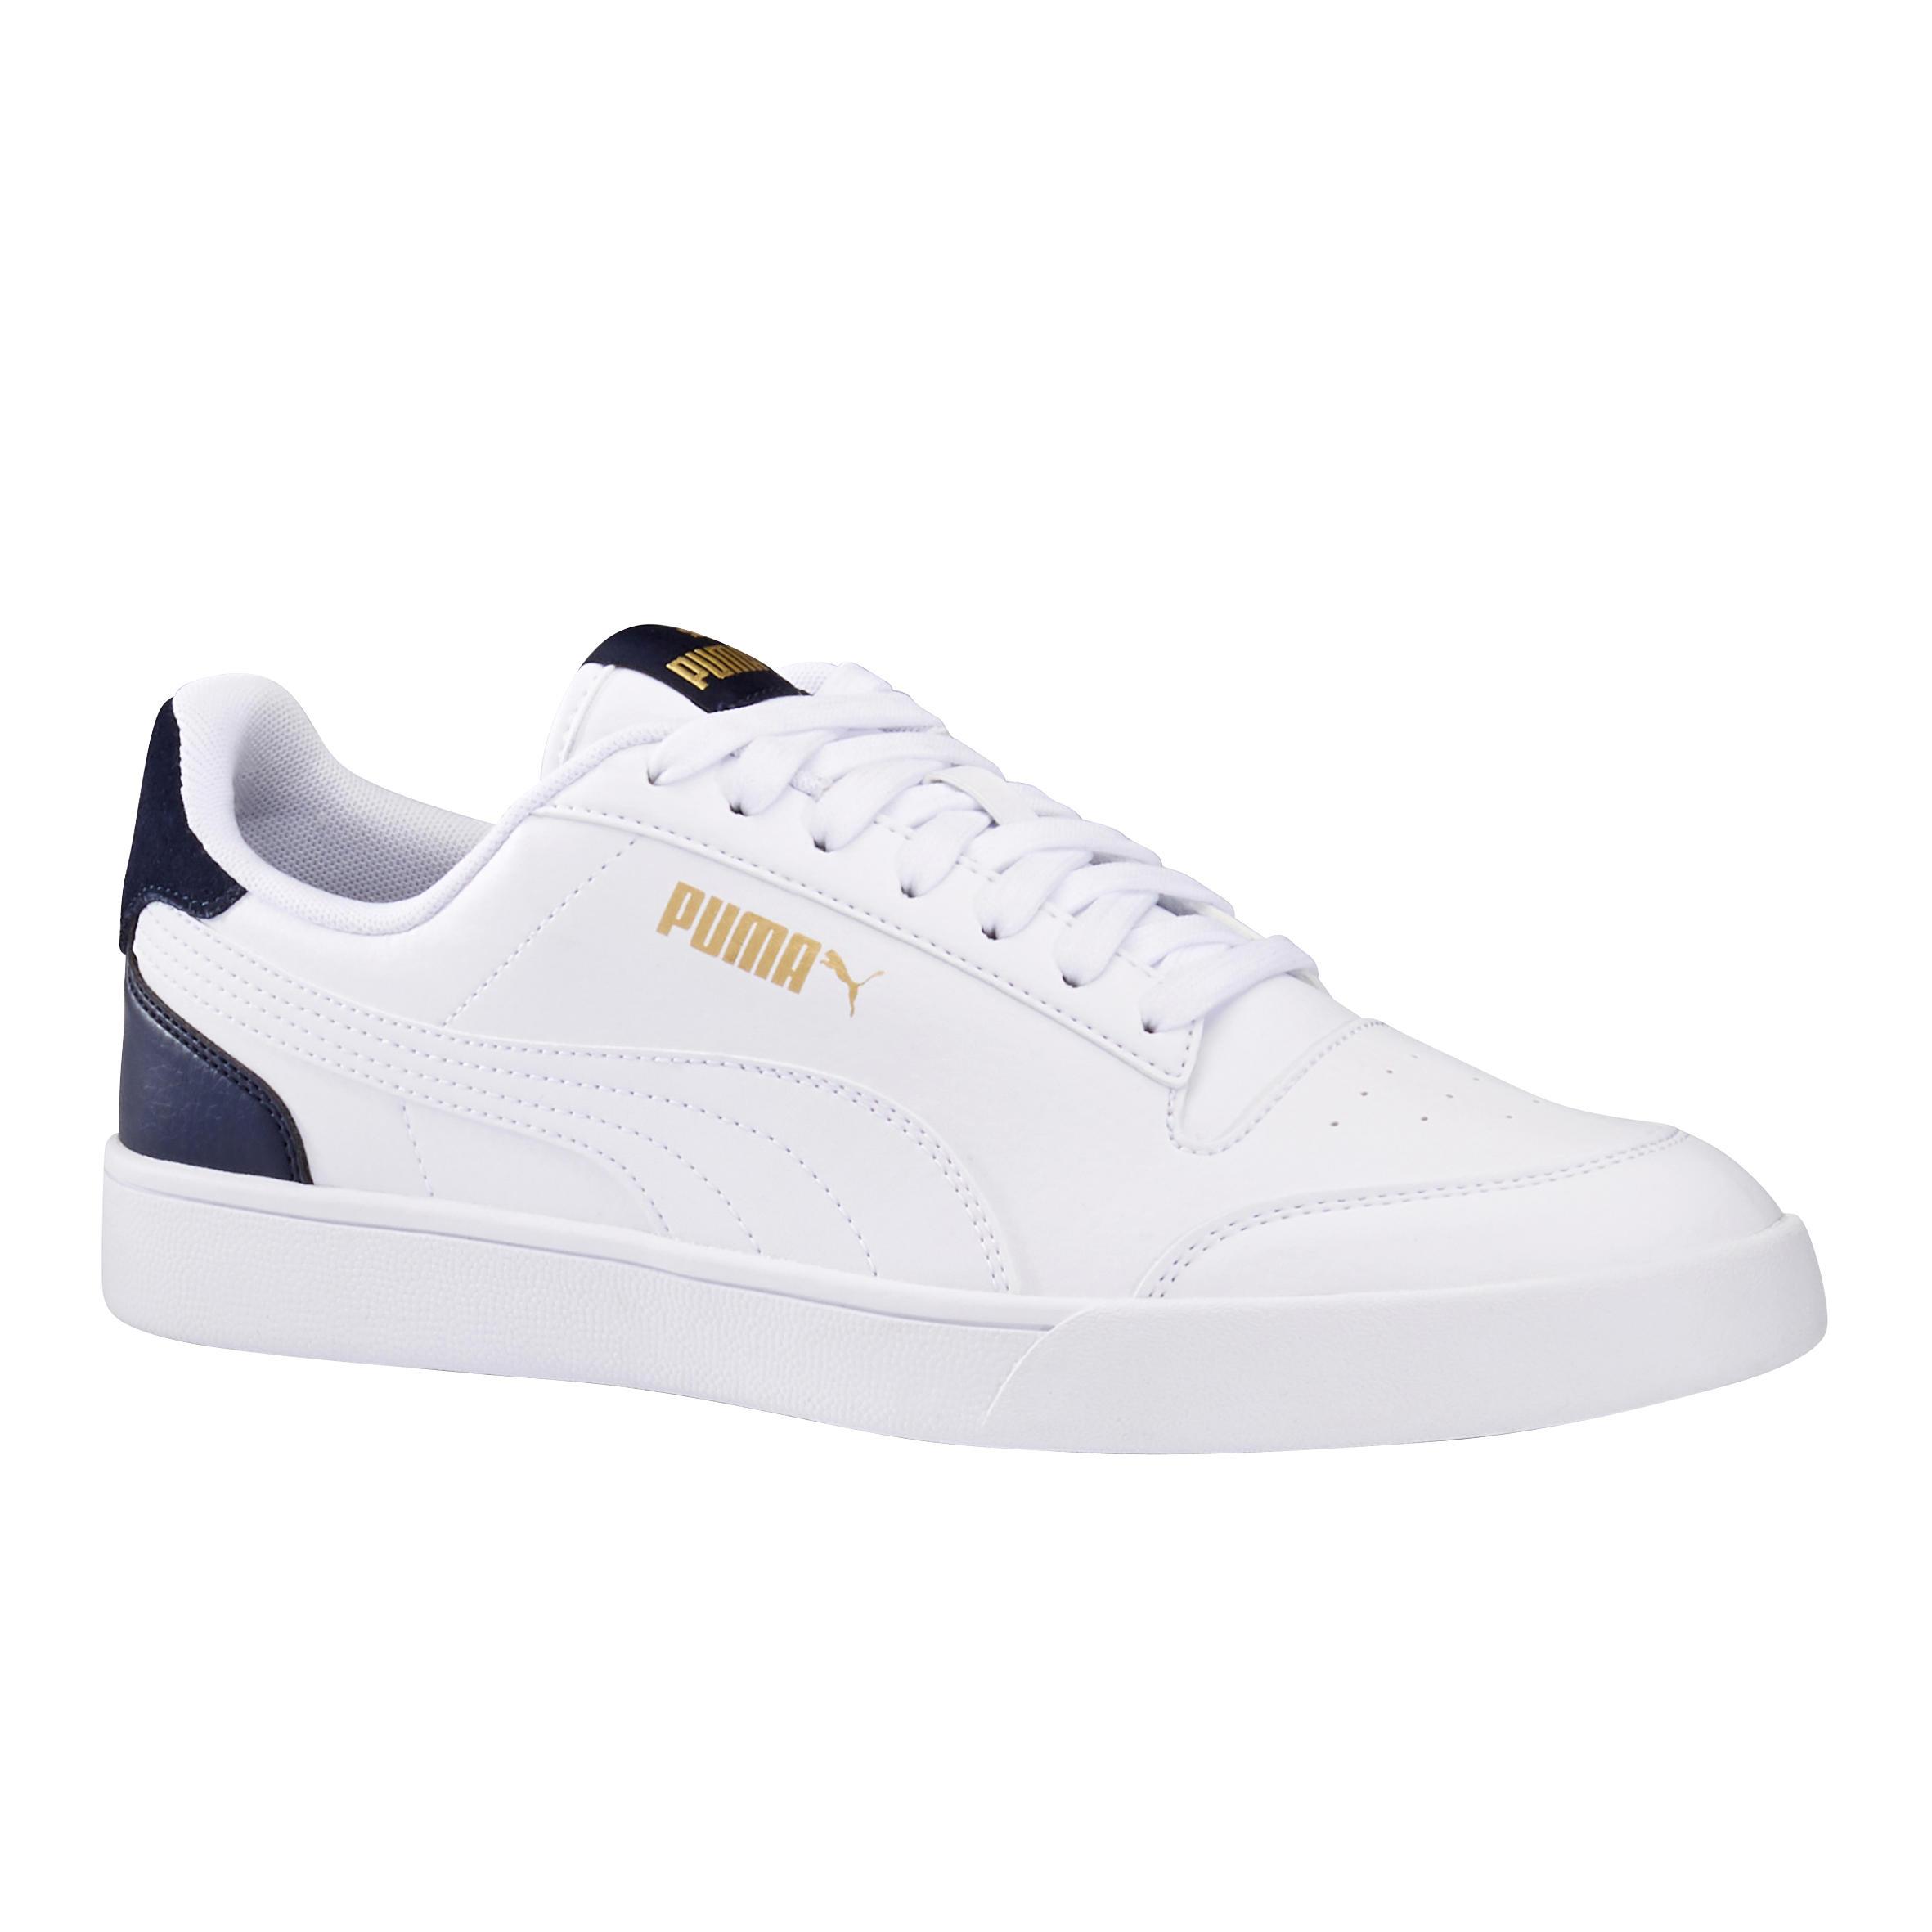 Chaussures homme Puma | Decathlon